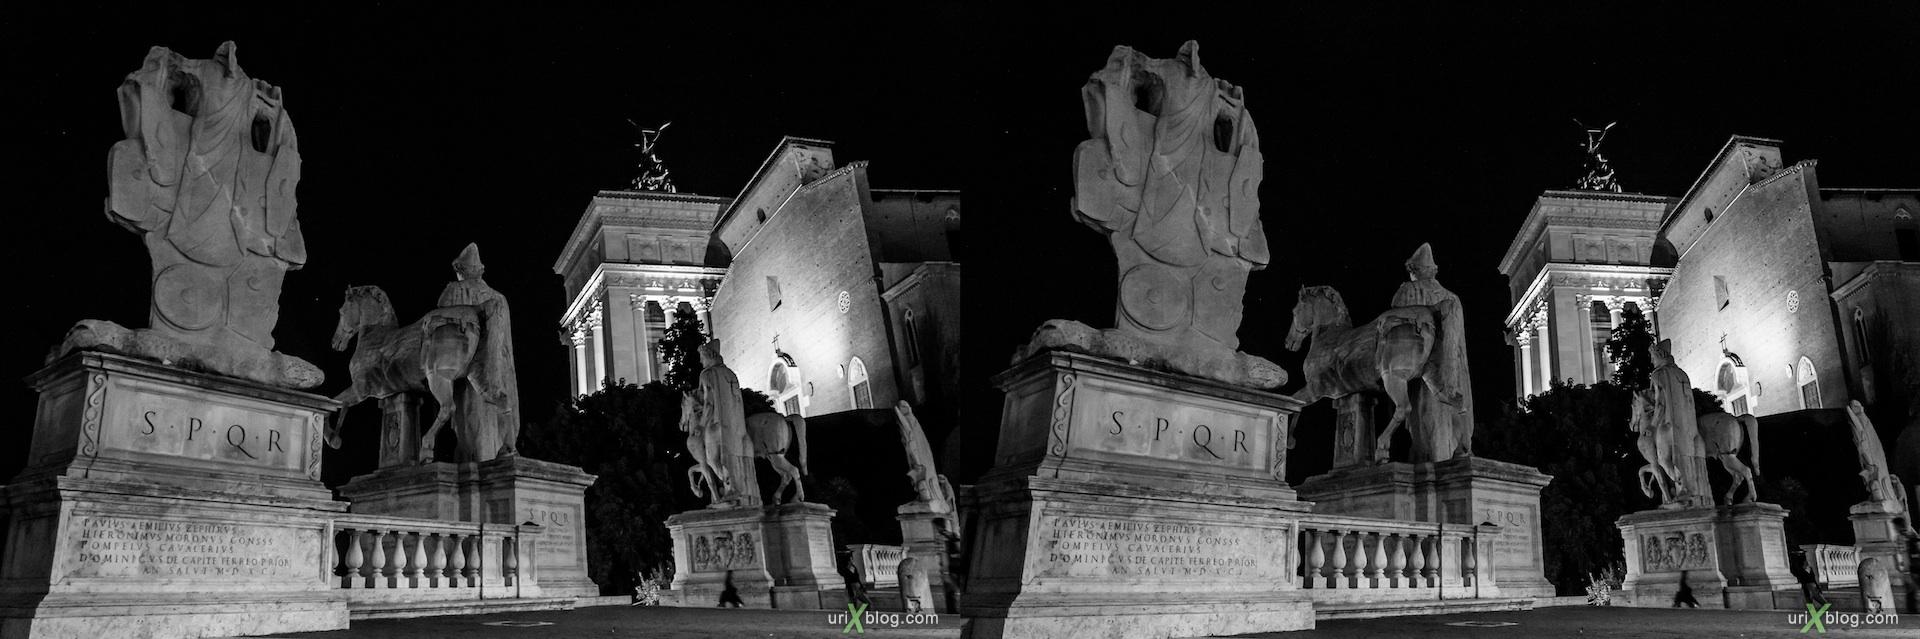 2012, ночь, статуи, Диоскуры, Кастор и Поллукс, Капитолийская площадь, Рим, Италия, осень, 3D, перекрёстные стереопары, стерео, стереопара, стереопары